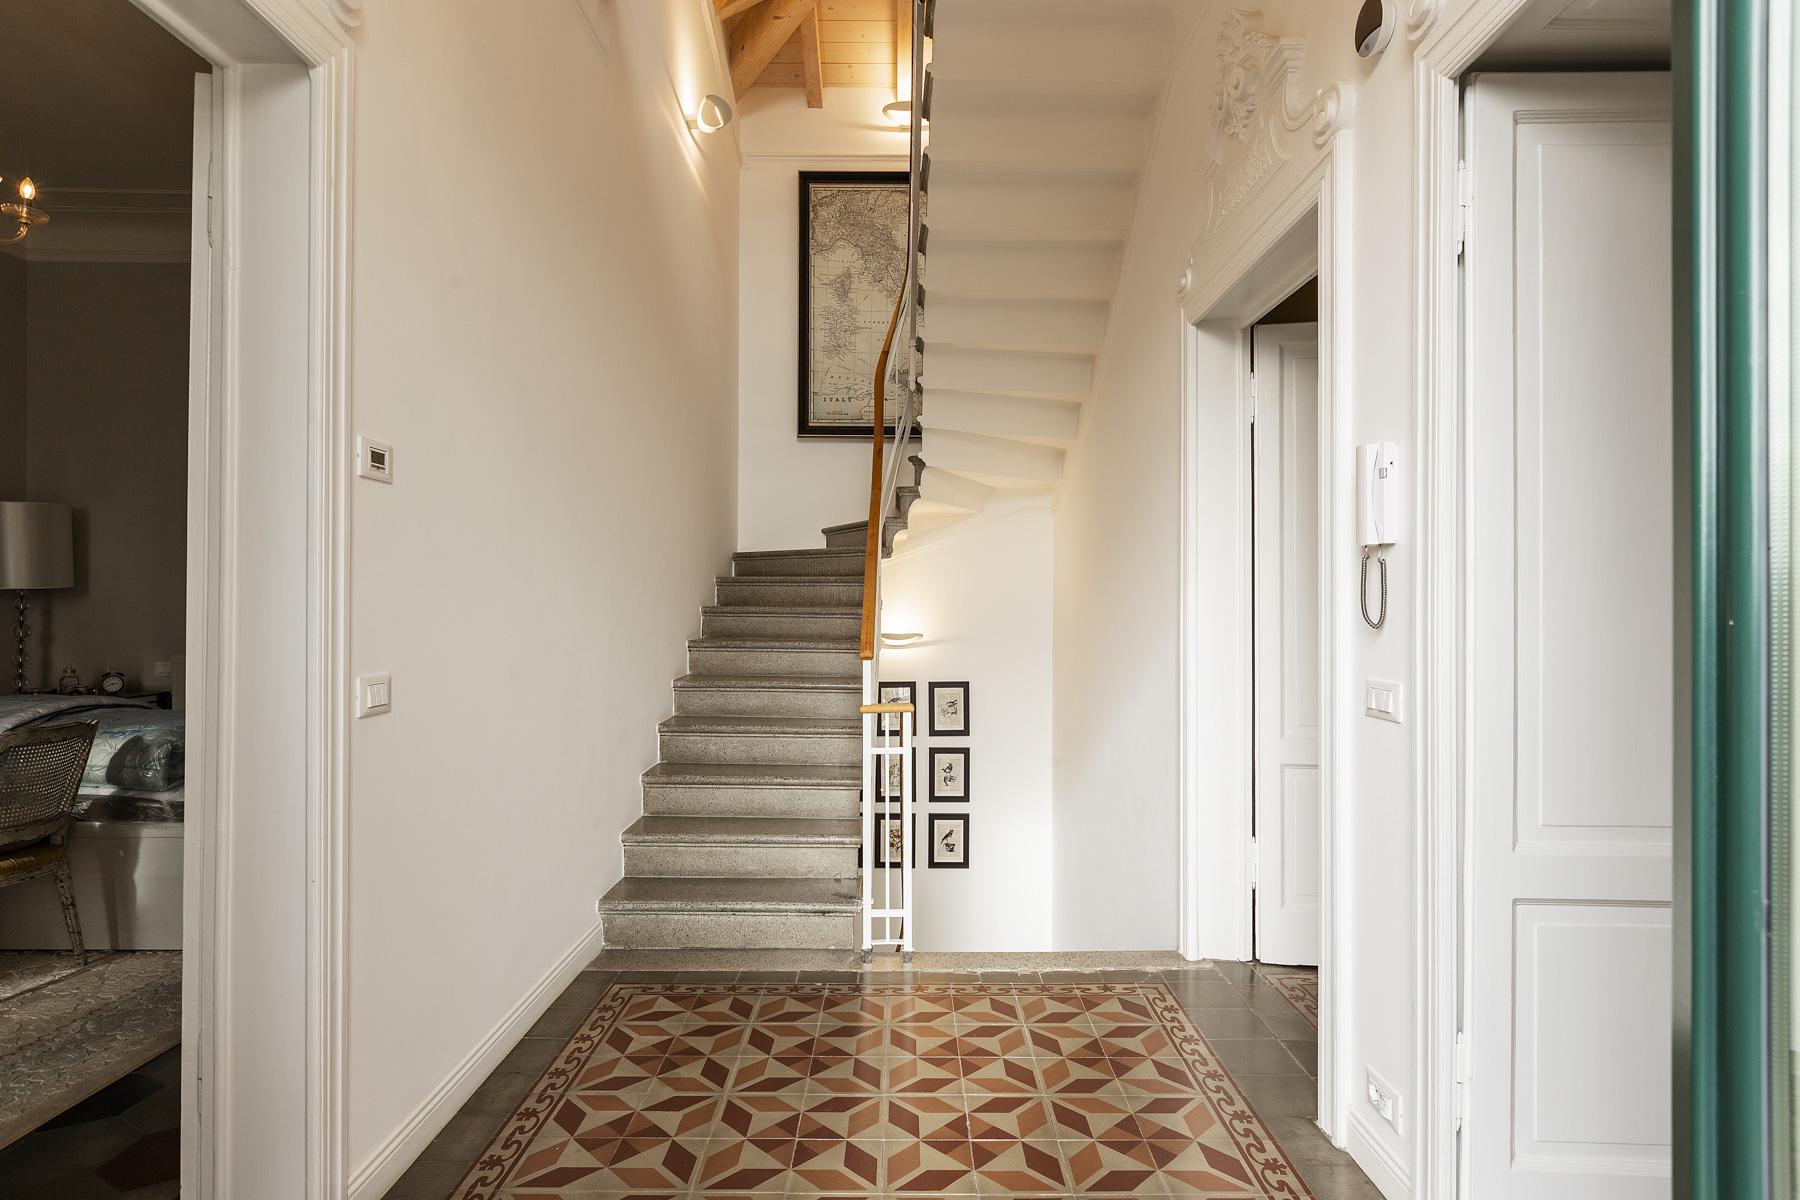 Villa in Vendita a Cernobbio: 5 locali, 325 mq - Foto 13